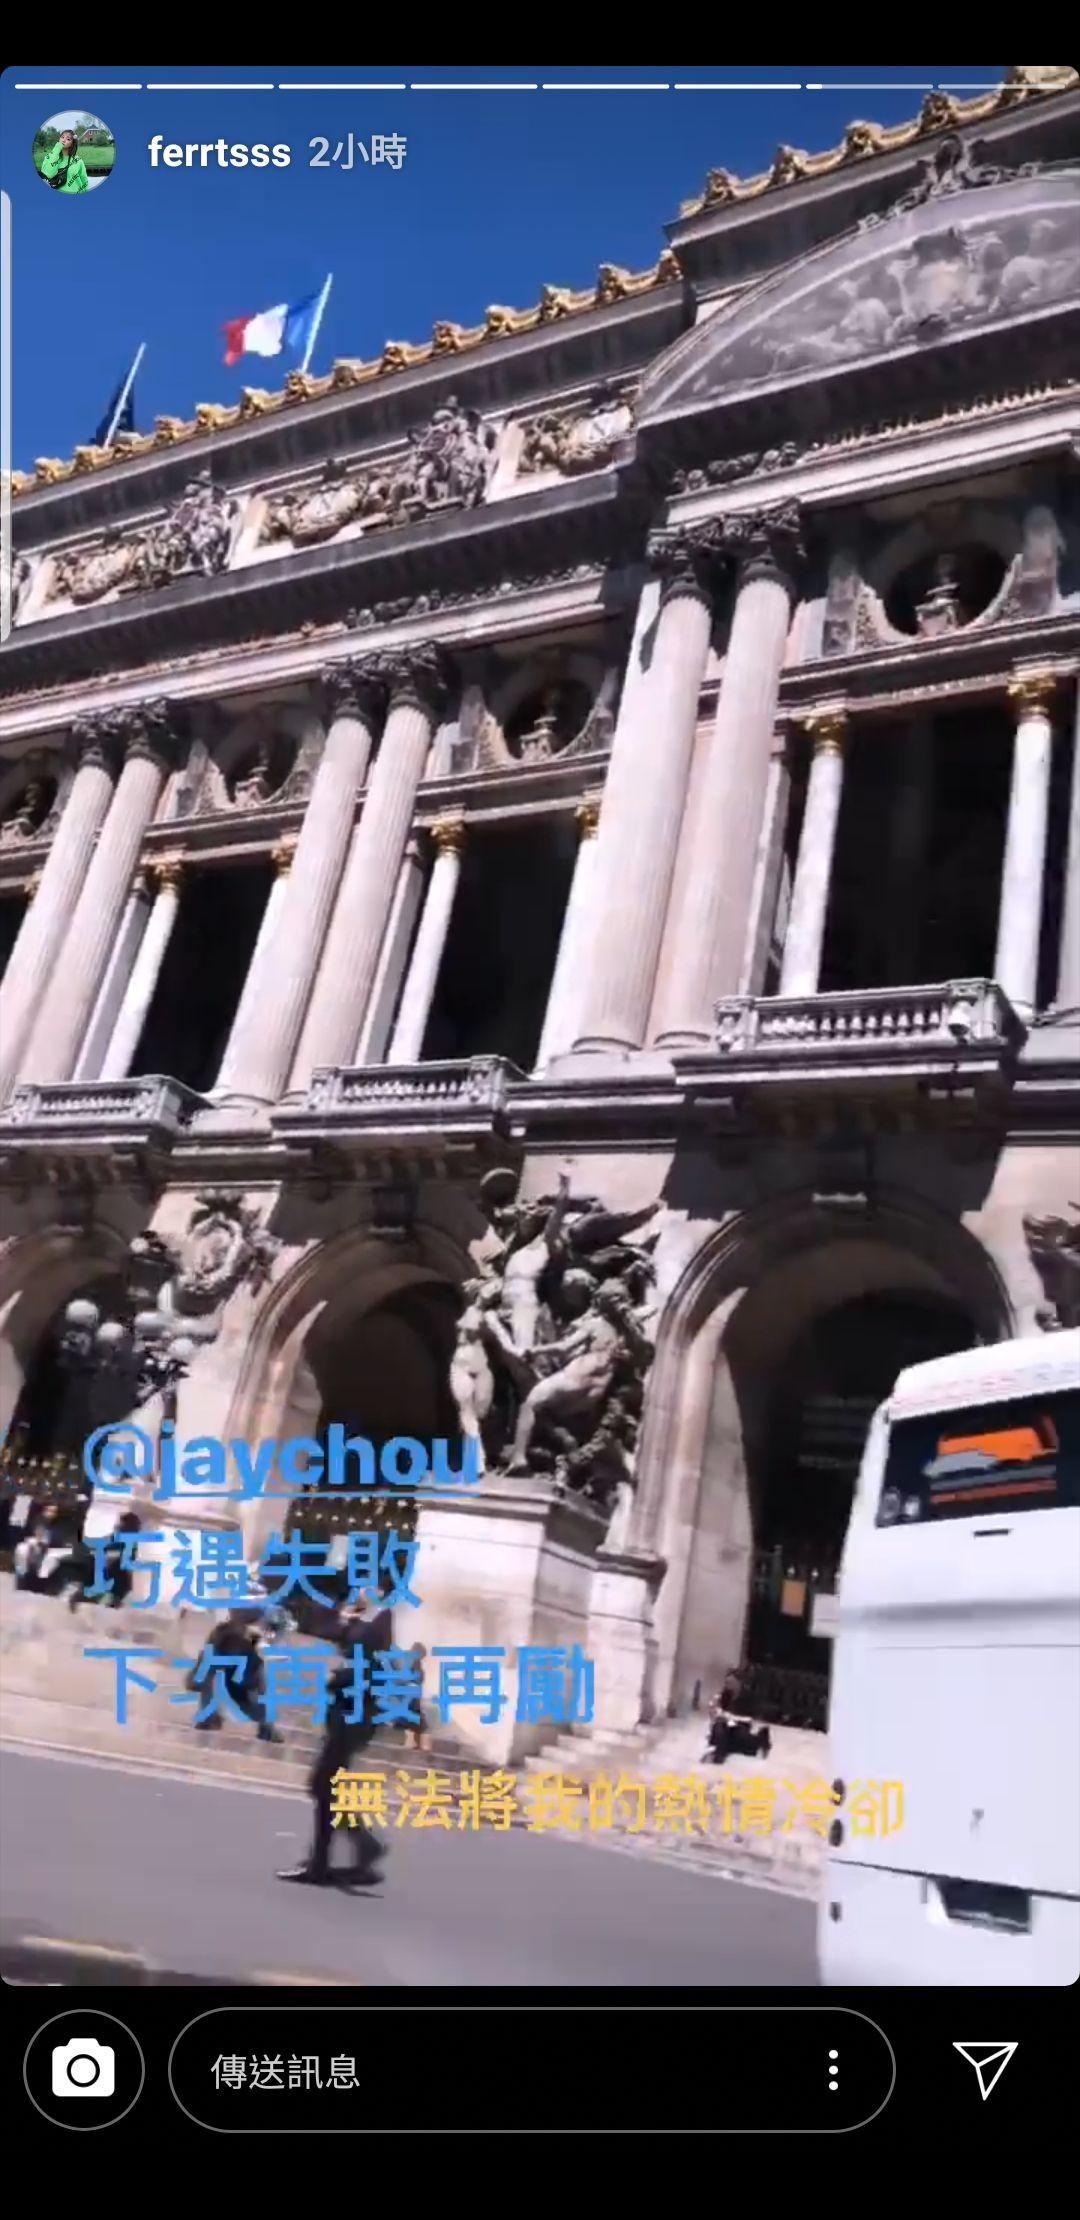 ▲▼茵聲和董仔、木星3人在巴黎鐵塔前自拍留念。(圖/翻攝自IG/鄭茵聲)